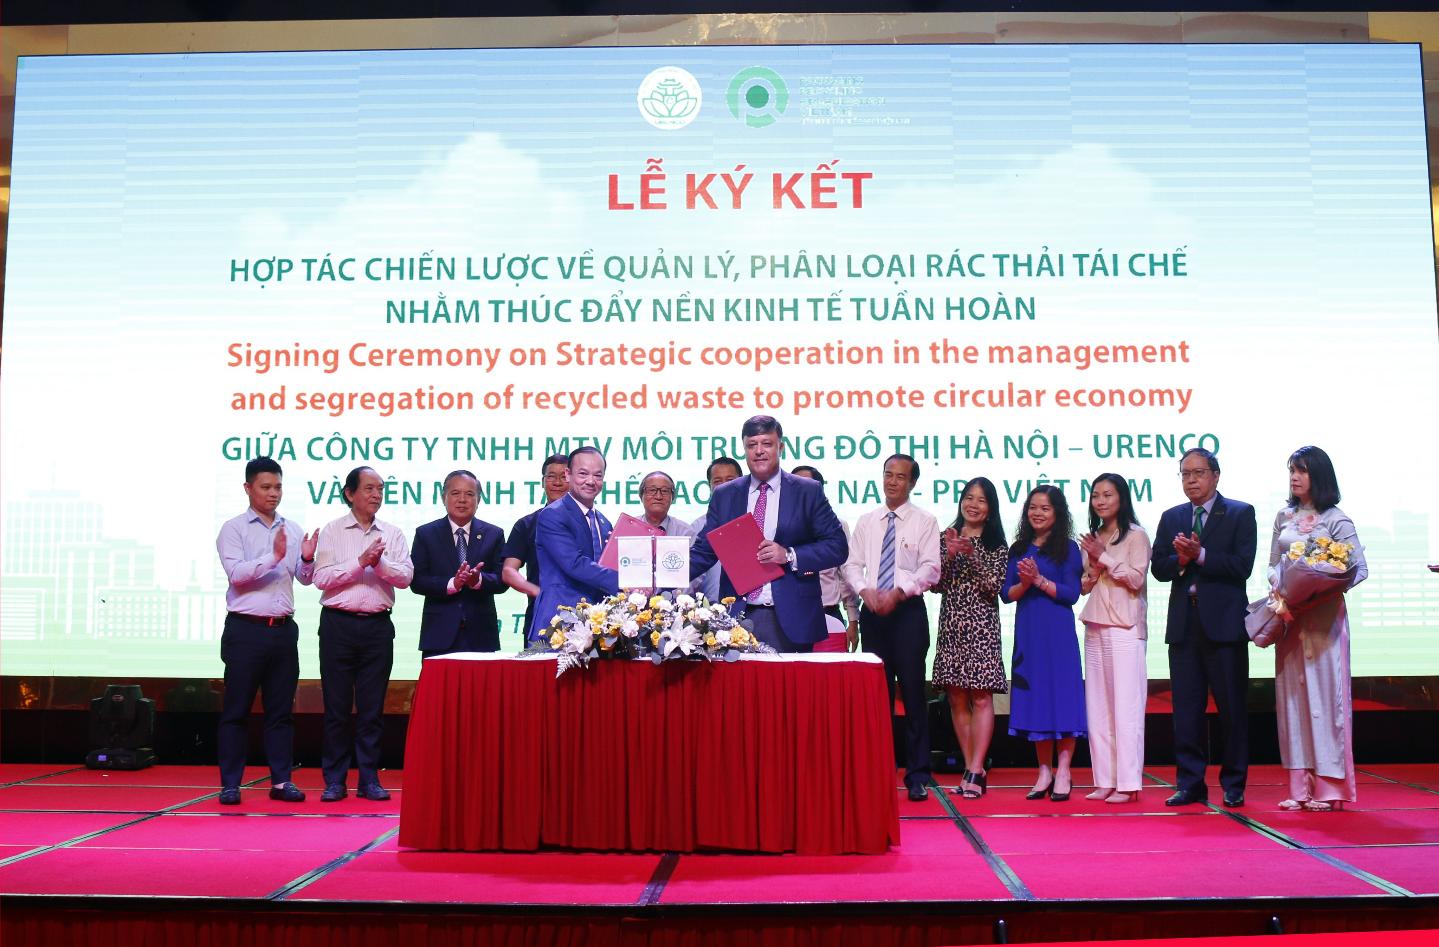 URENCO và PRO Việt Nam ký kết Thỏa thuận hợp tác nhằm thực hiện chương trình Quản lý, phân loại rác thải tái chế